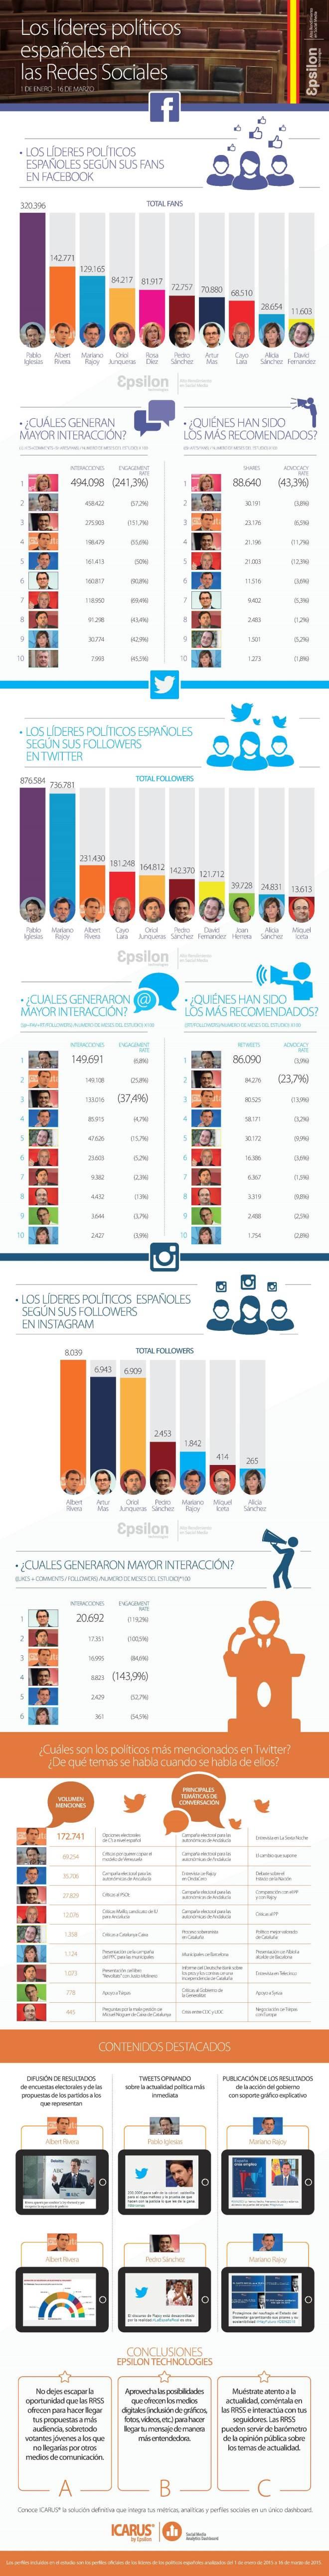 Ranking de líderes políticos en Redes Sociales